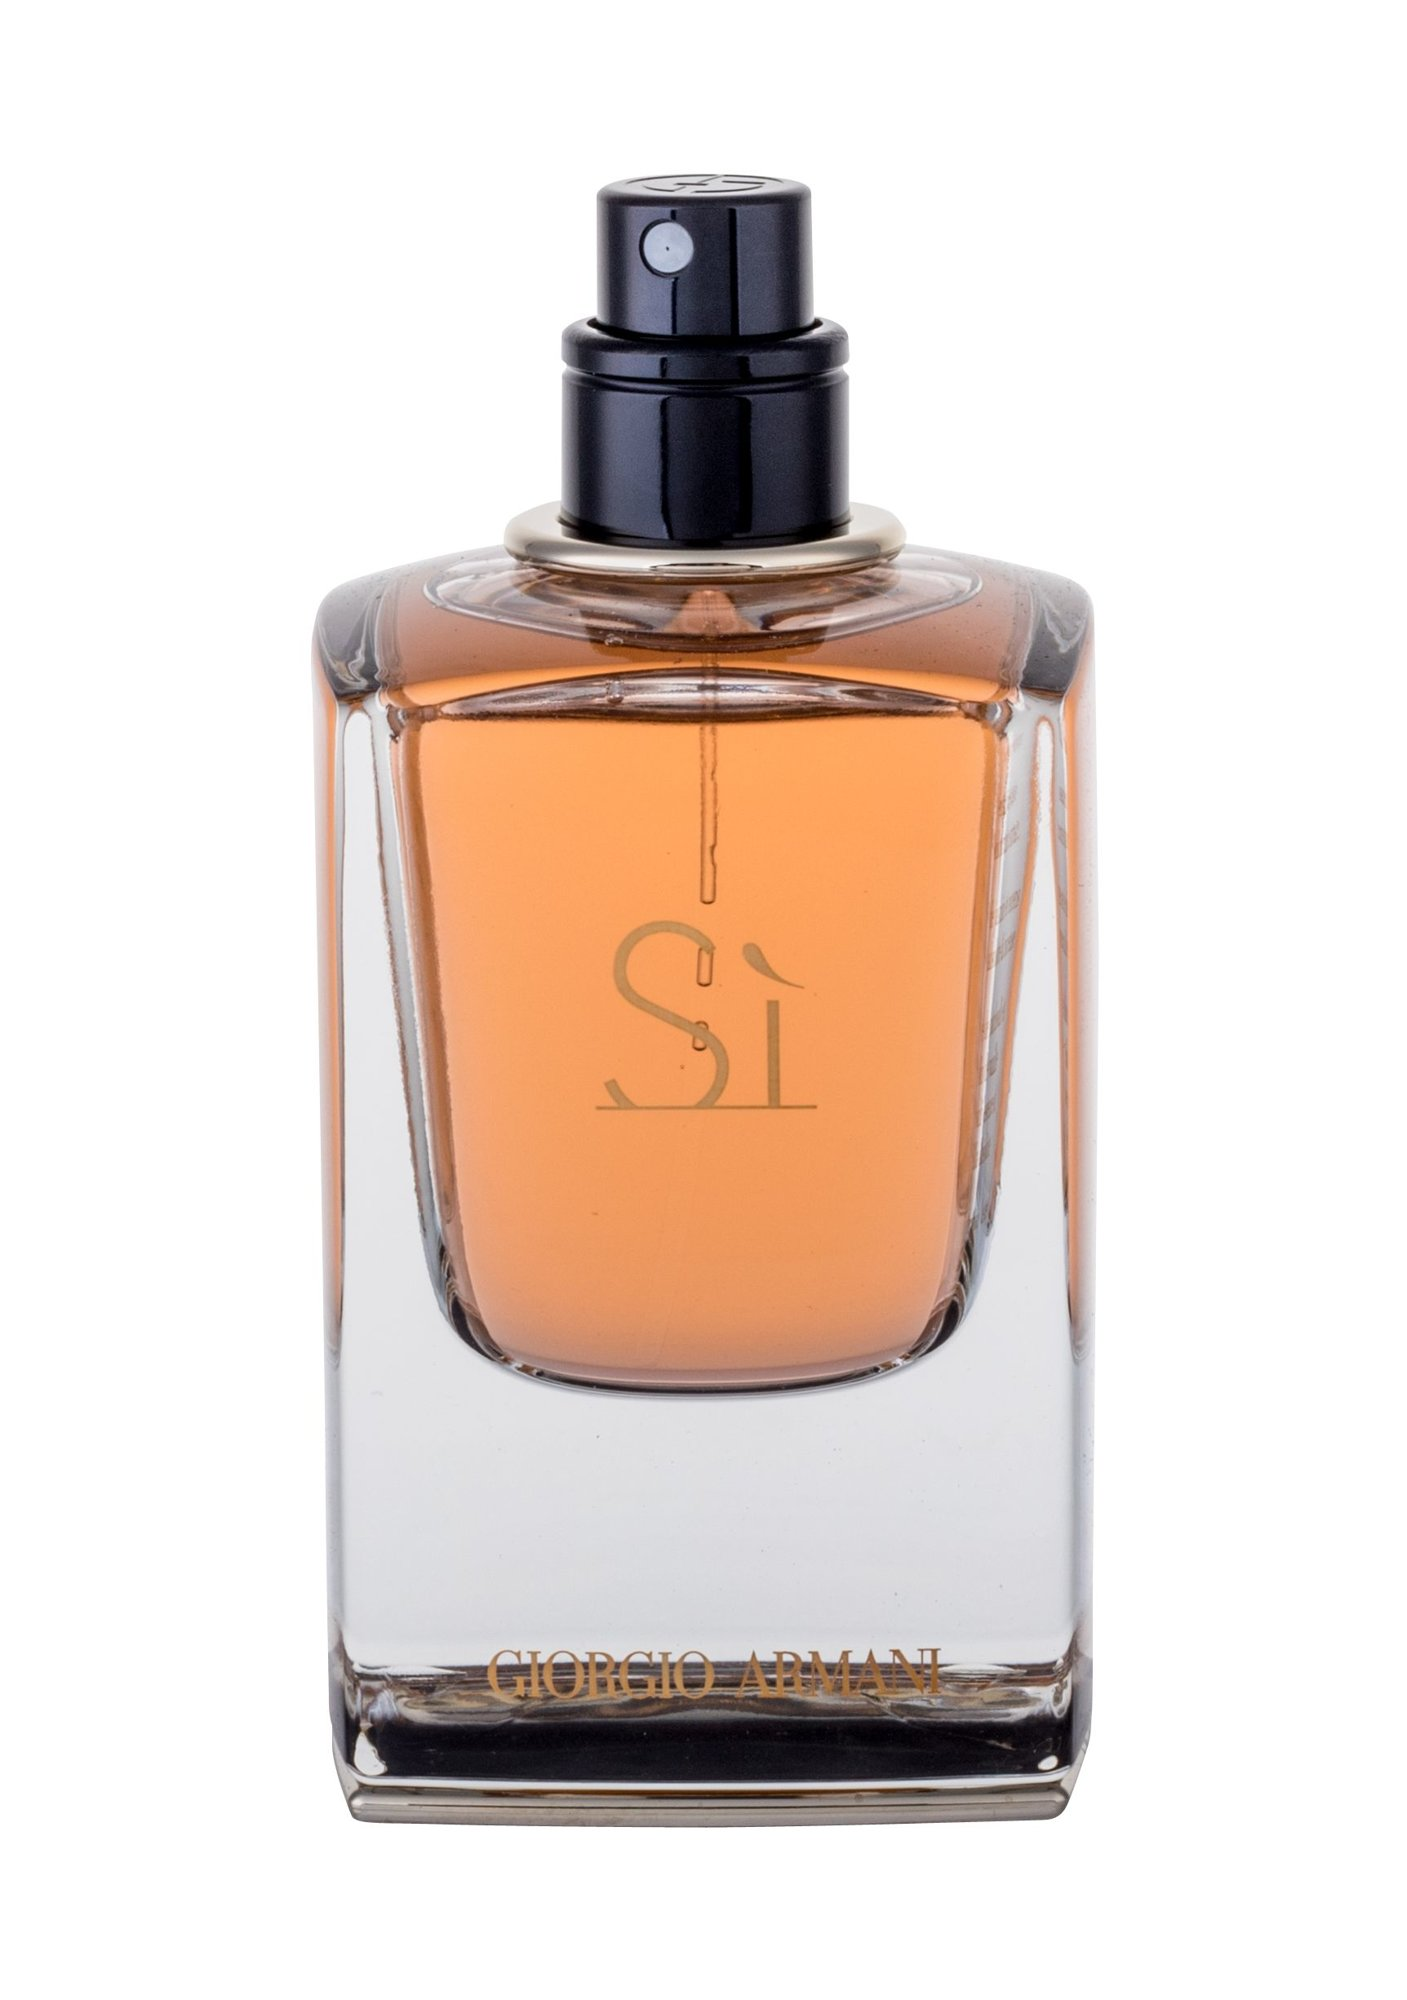 Giorgio Armani Si EDP 40ml  Le Parfum